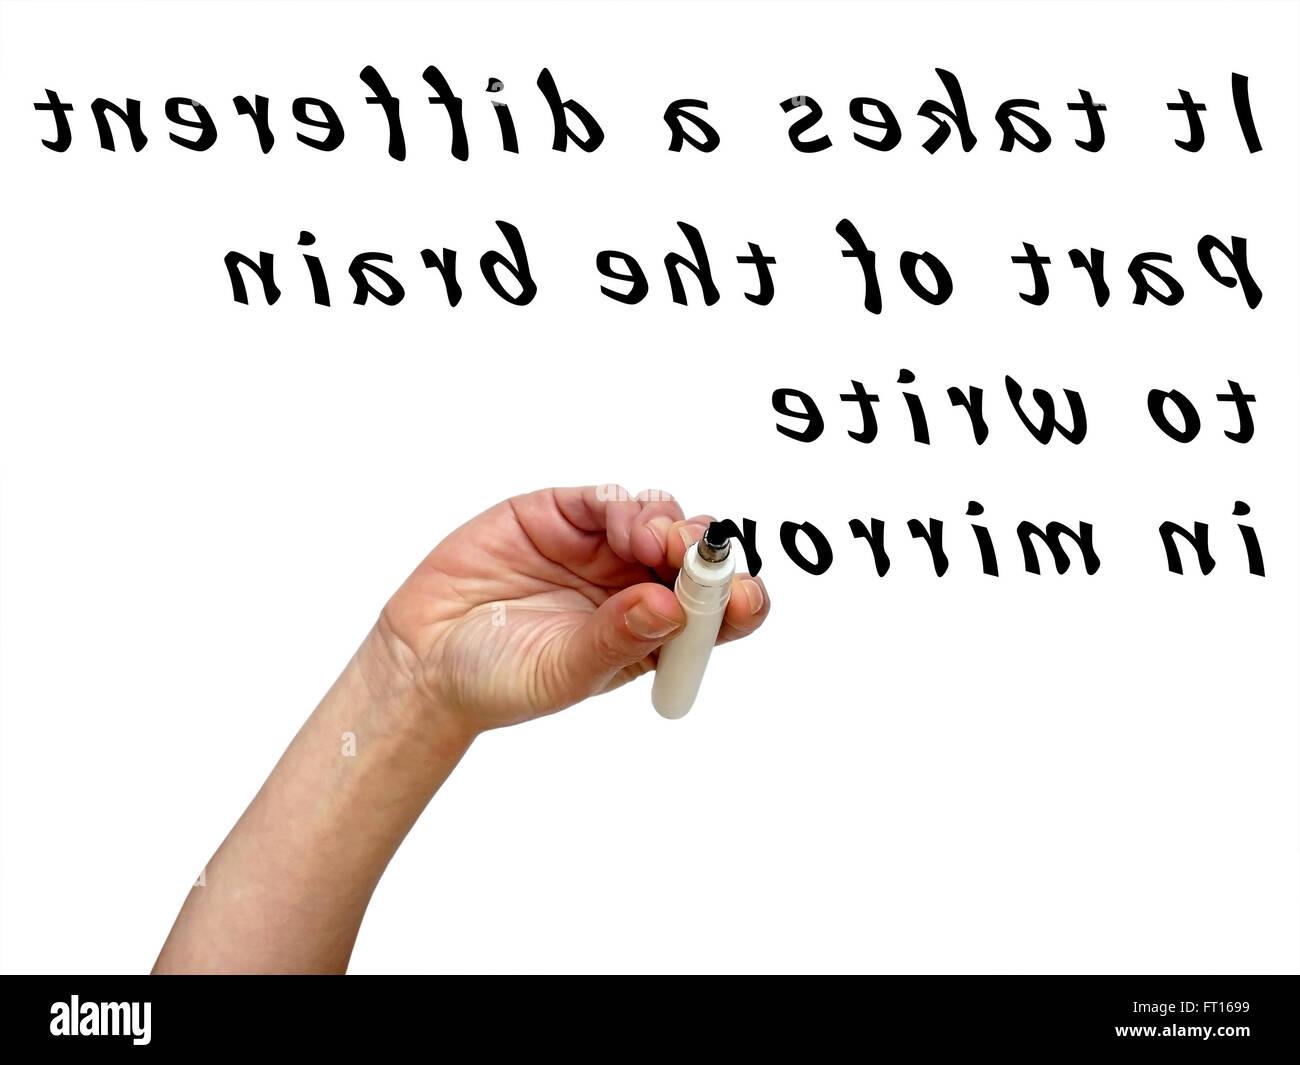 Sottosopra specchio a mano scrivendo parole in mirror con un pennarello nero su trasparente whiteboard Immagini Stock